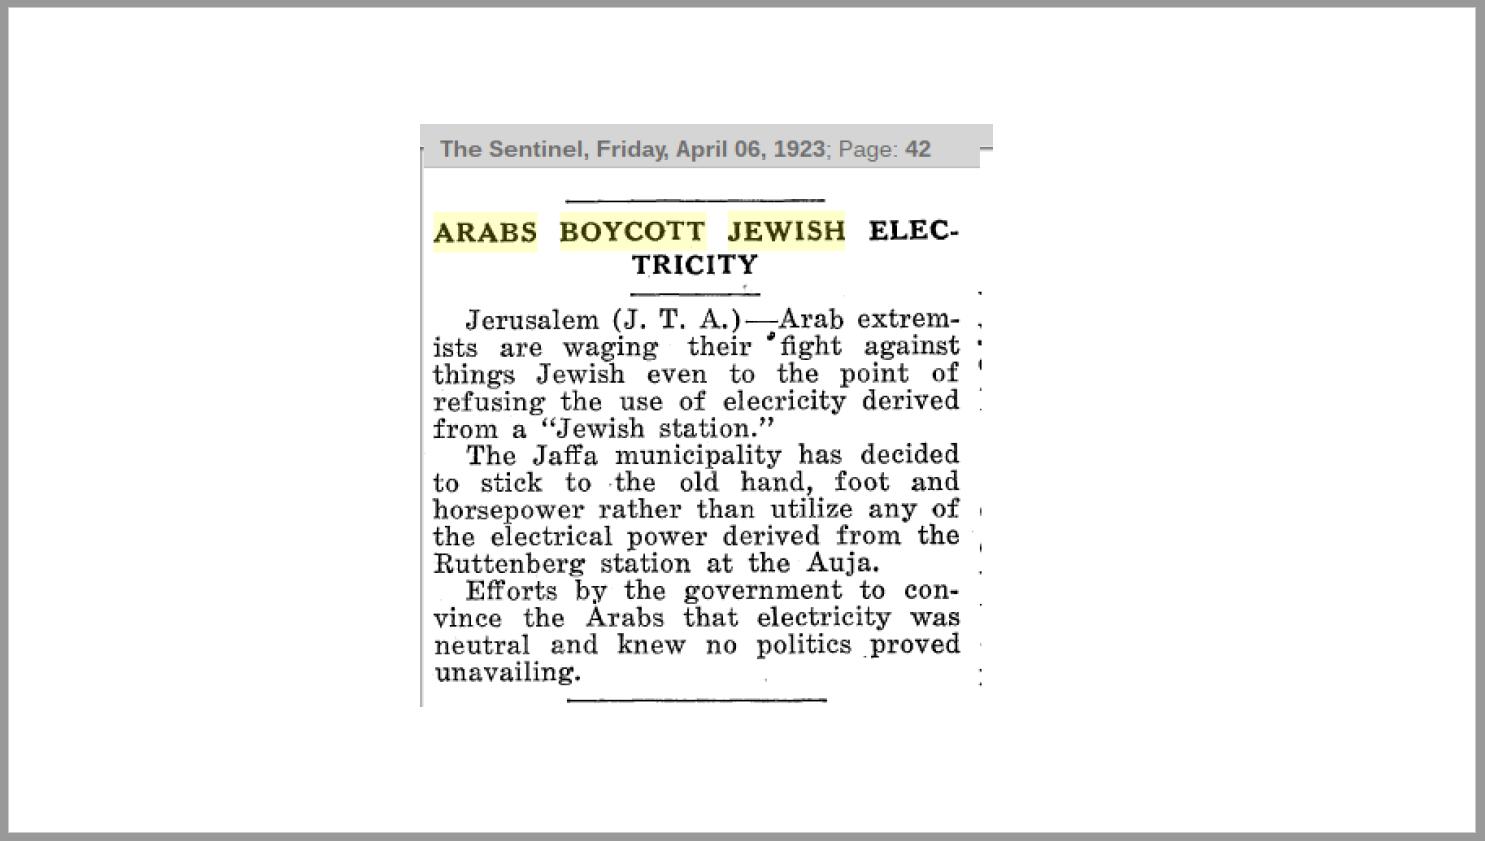 bds-history-slide-1923-electricity-boycott